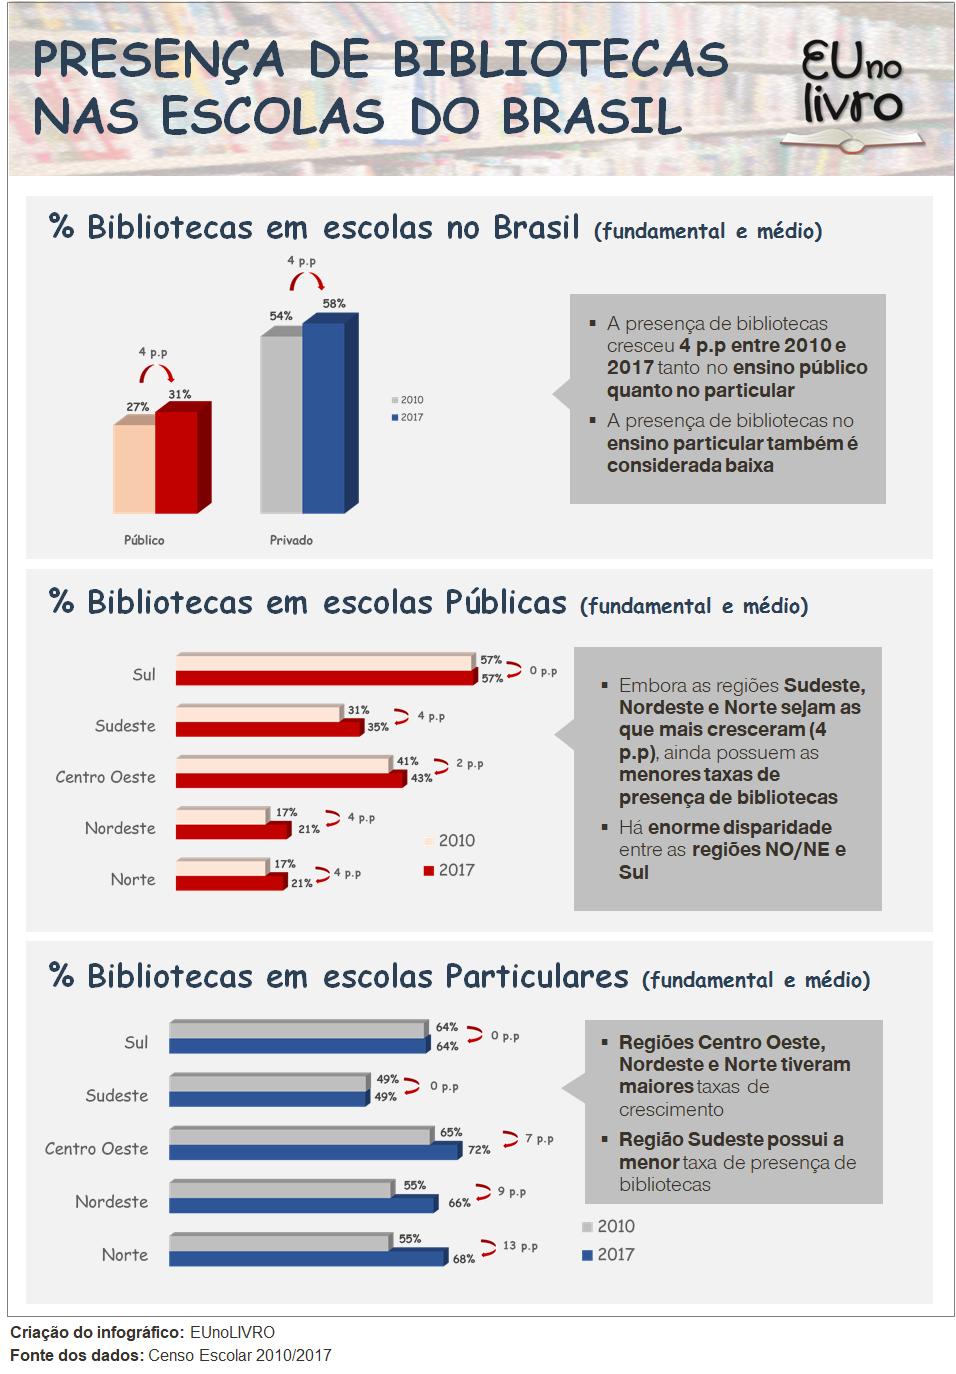 Presença de Bibliotecas nas Escolas do Brasil